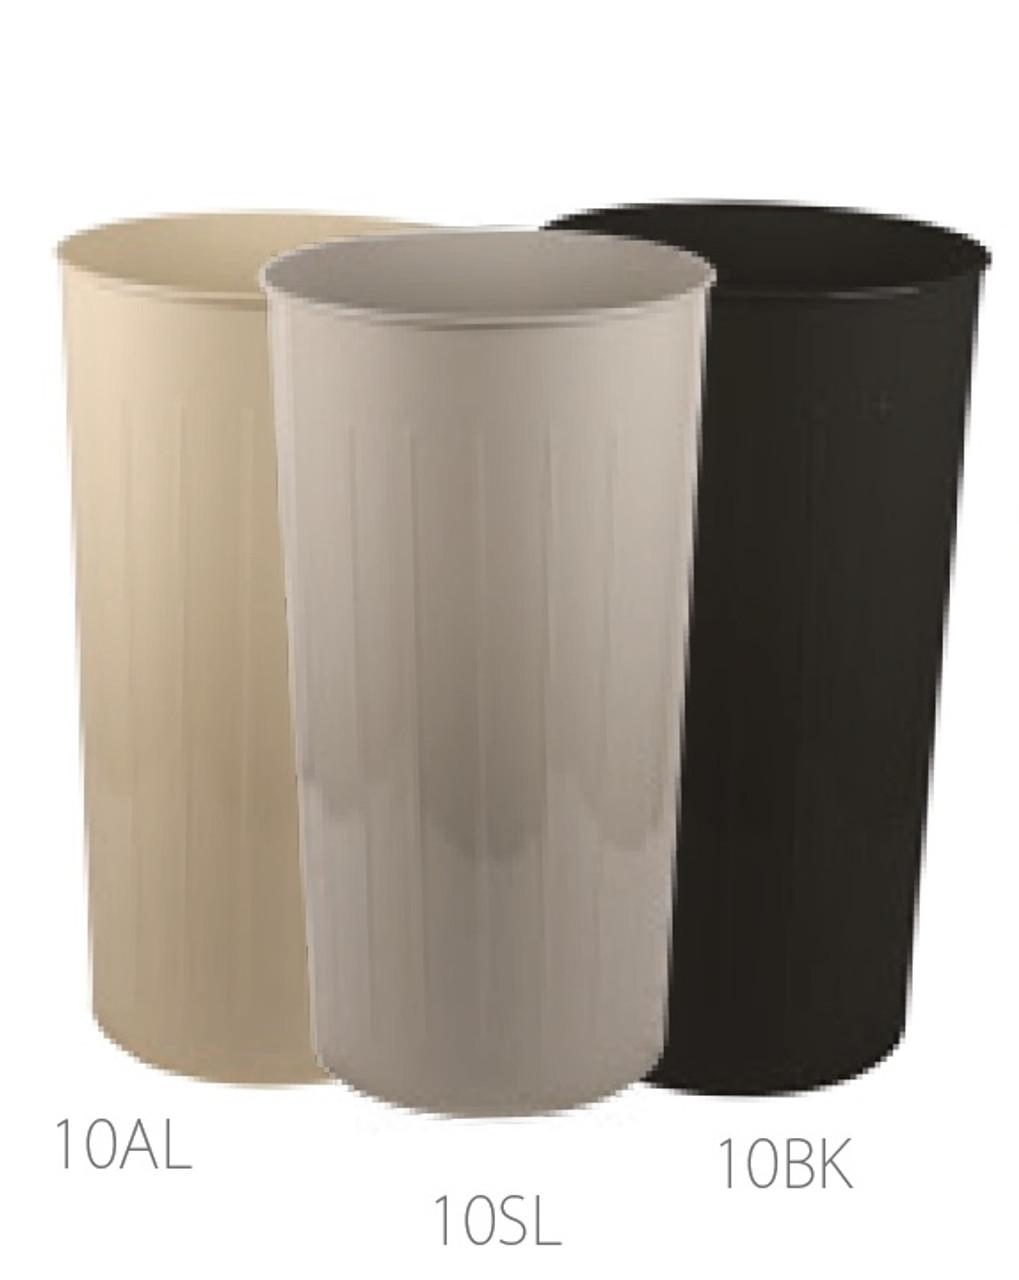 80 Quart Witt Industries Round Metal Wastebaskets